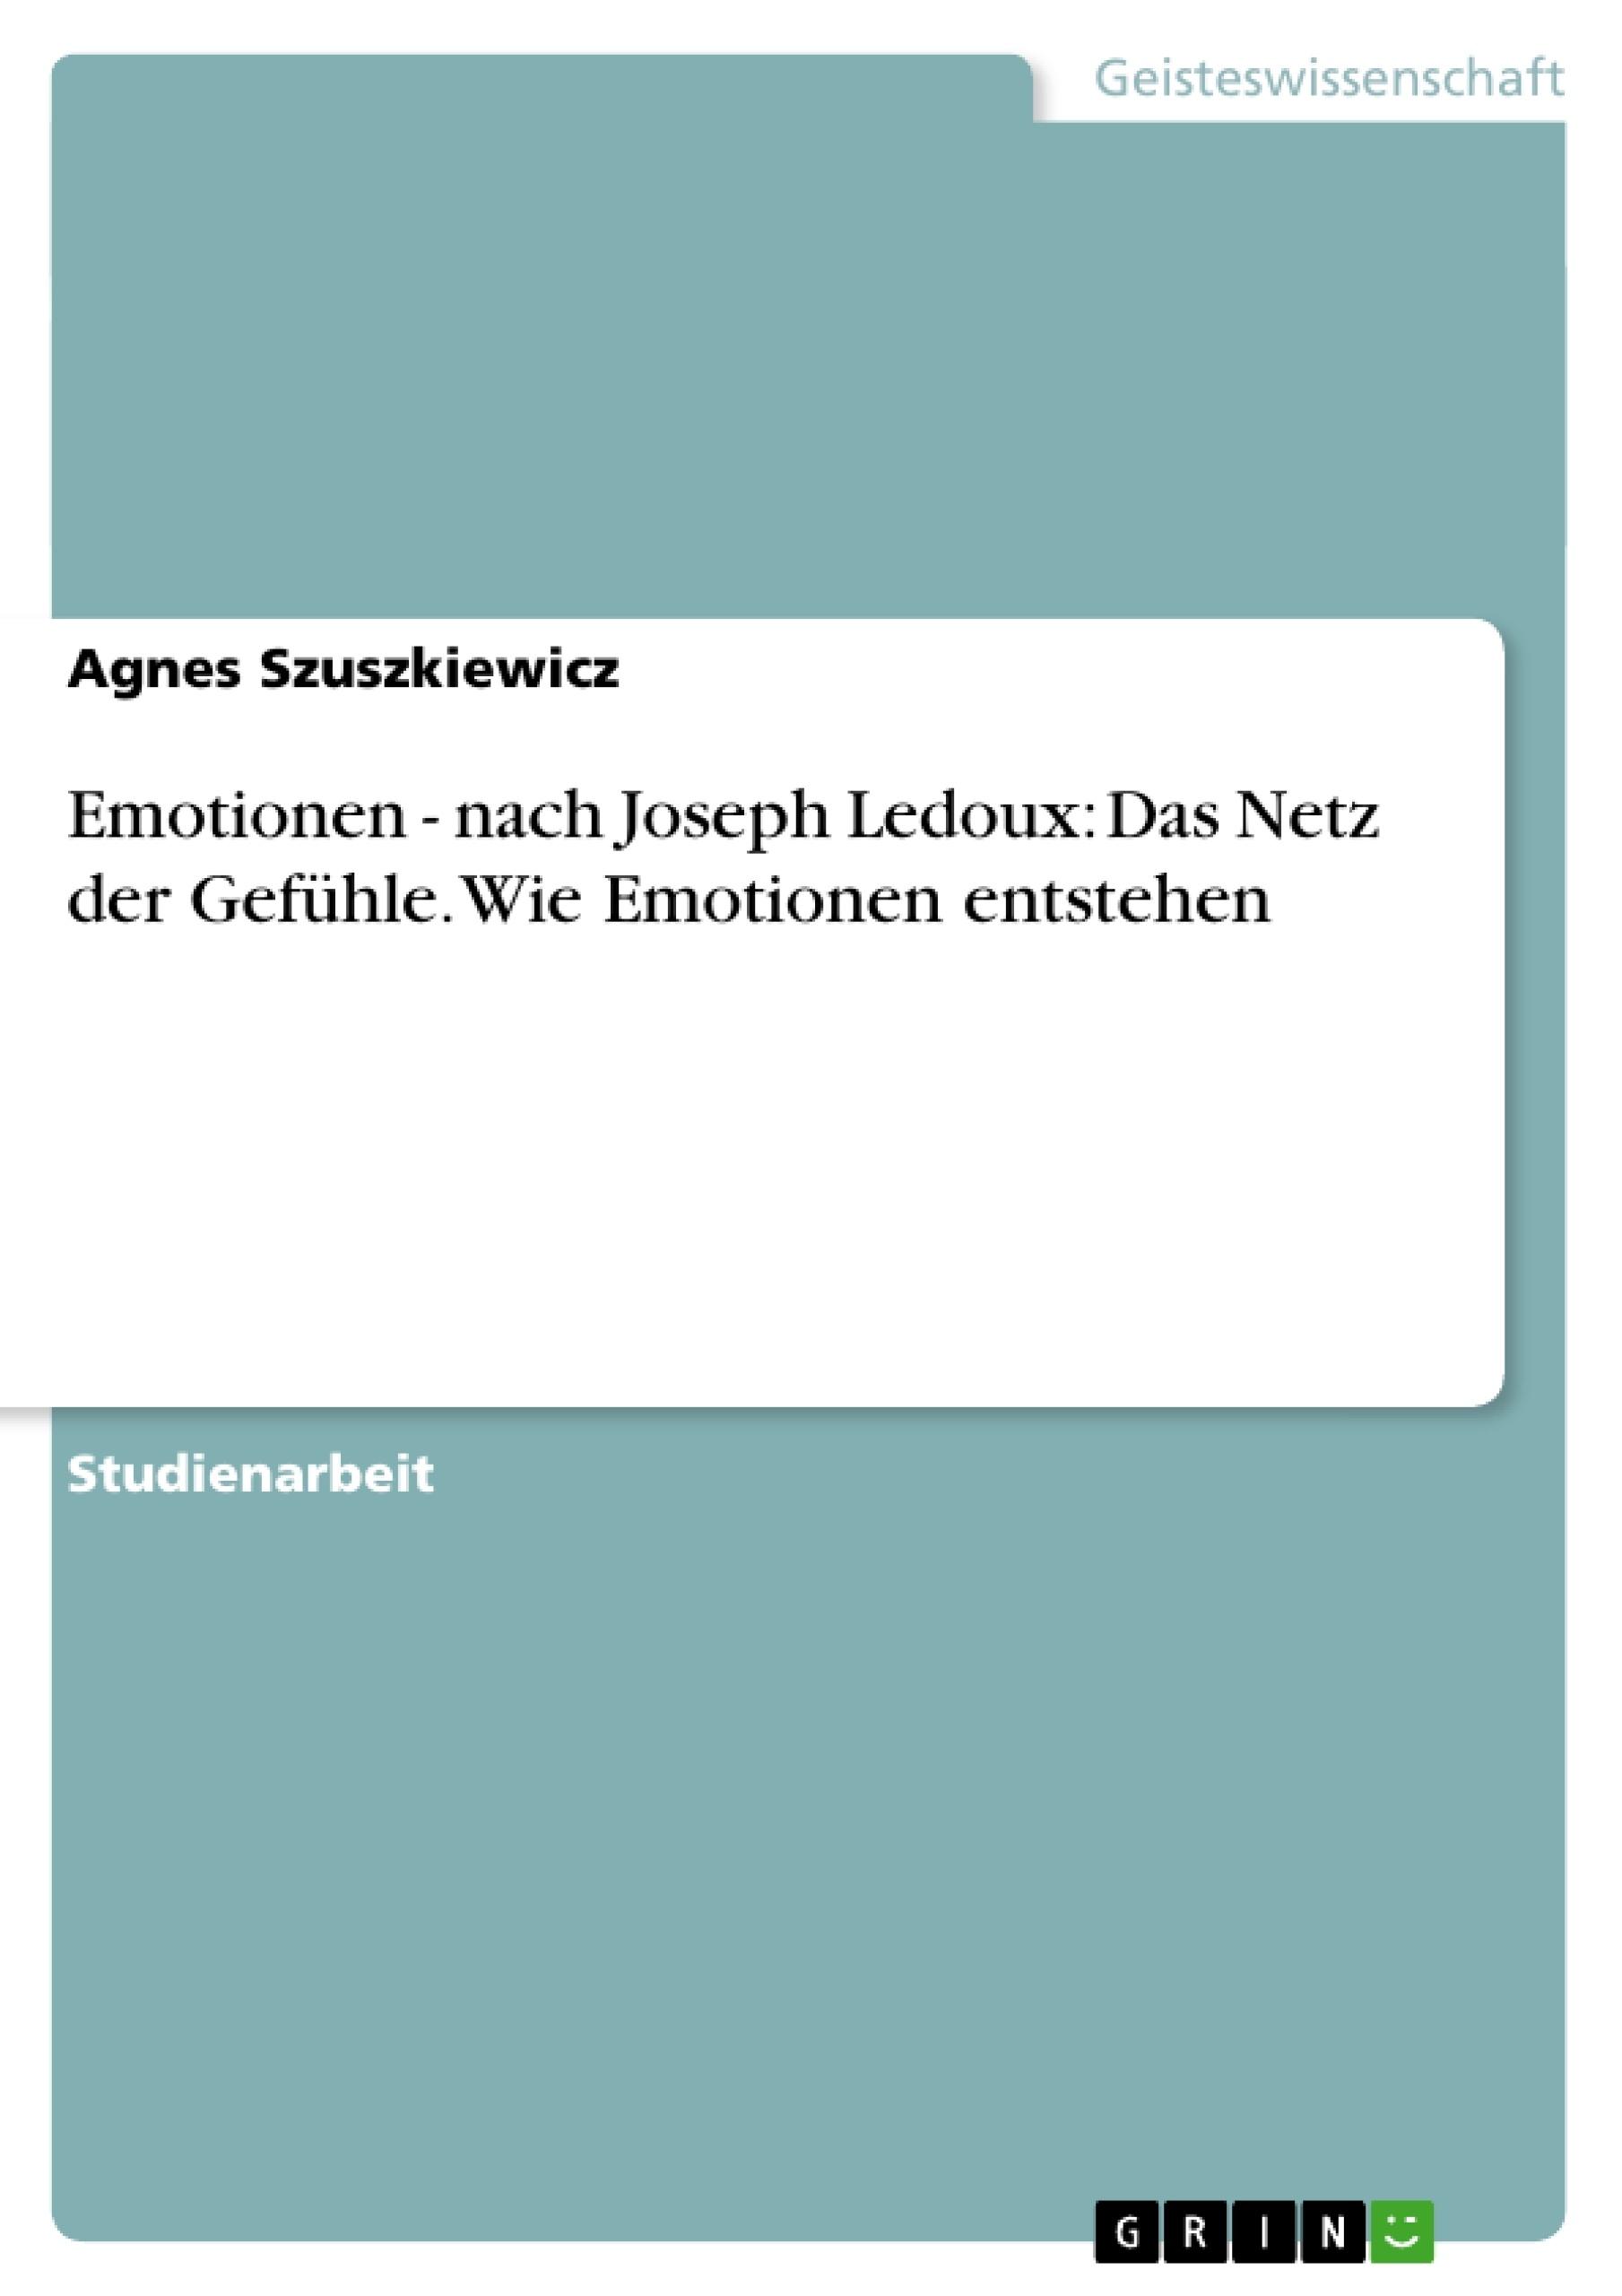 Titel: Emotionen - nach Joseph Ledoux: Das Netz der Gefühle. Wie Emotionen entstehen